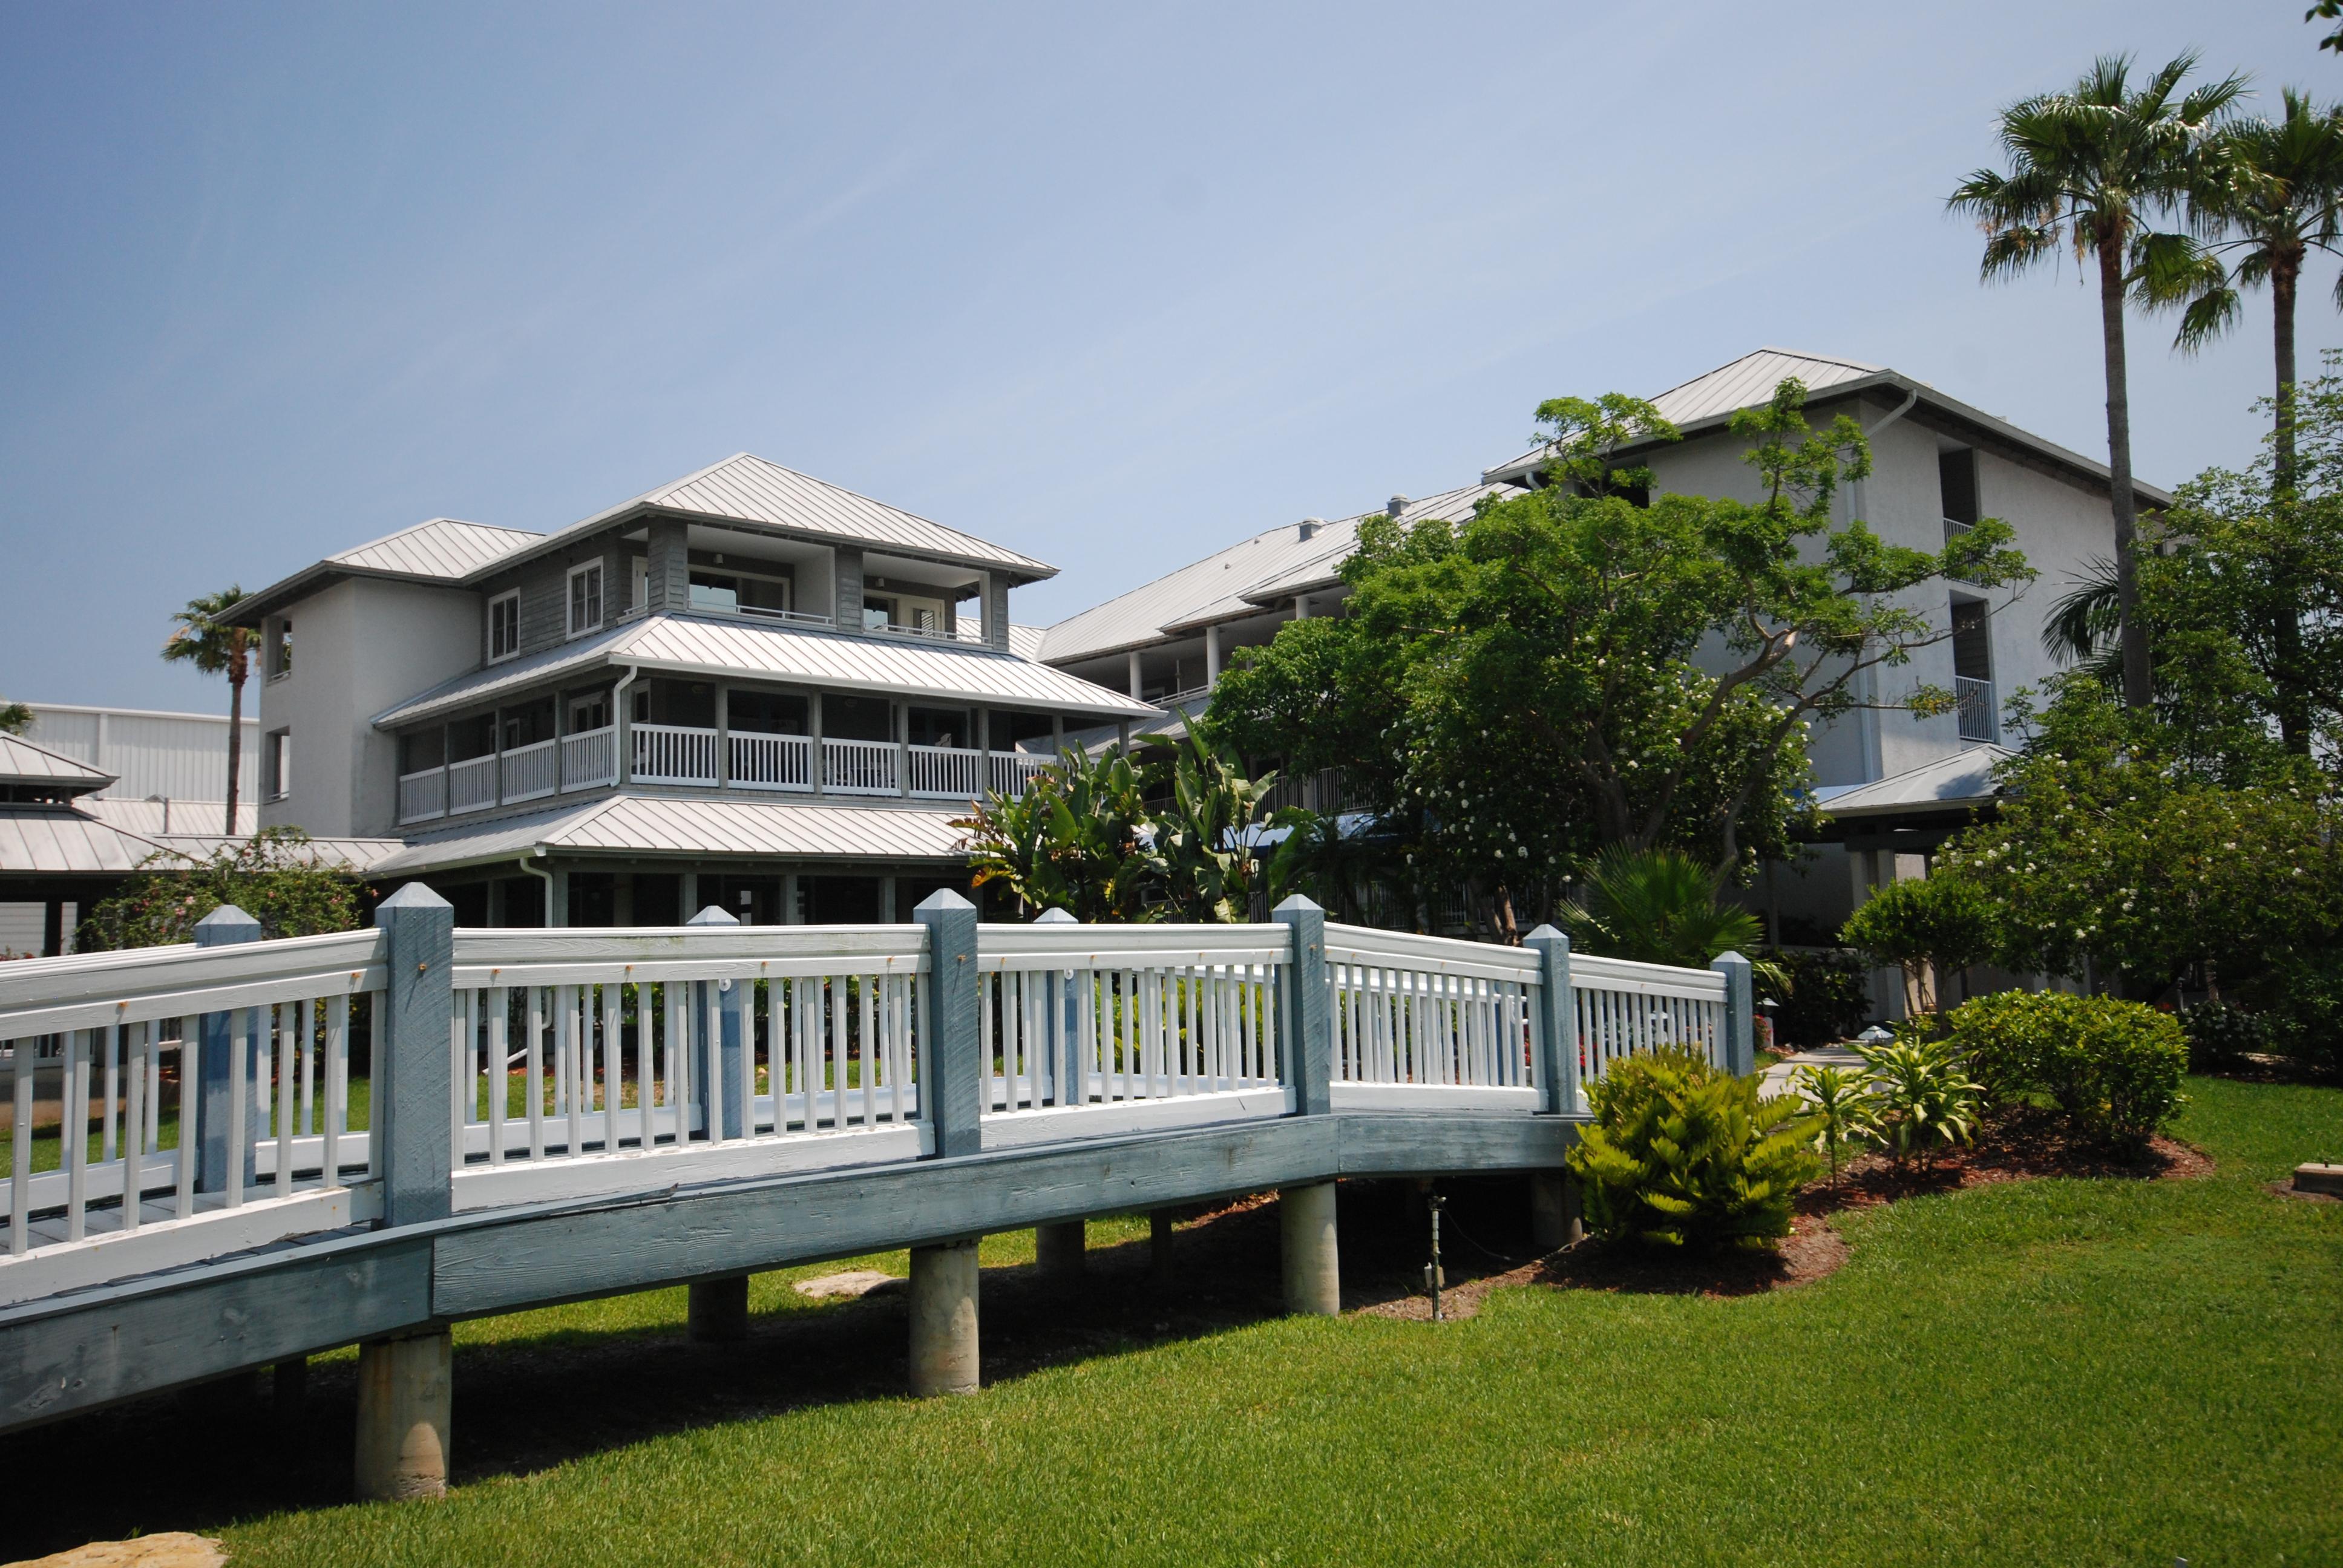 Pirate's Cove Resort and Marina